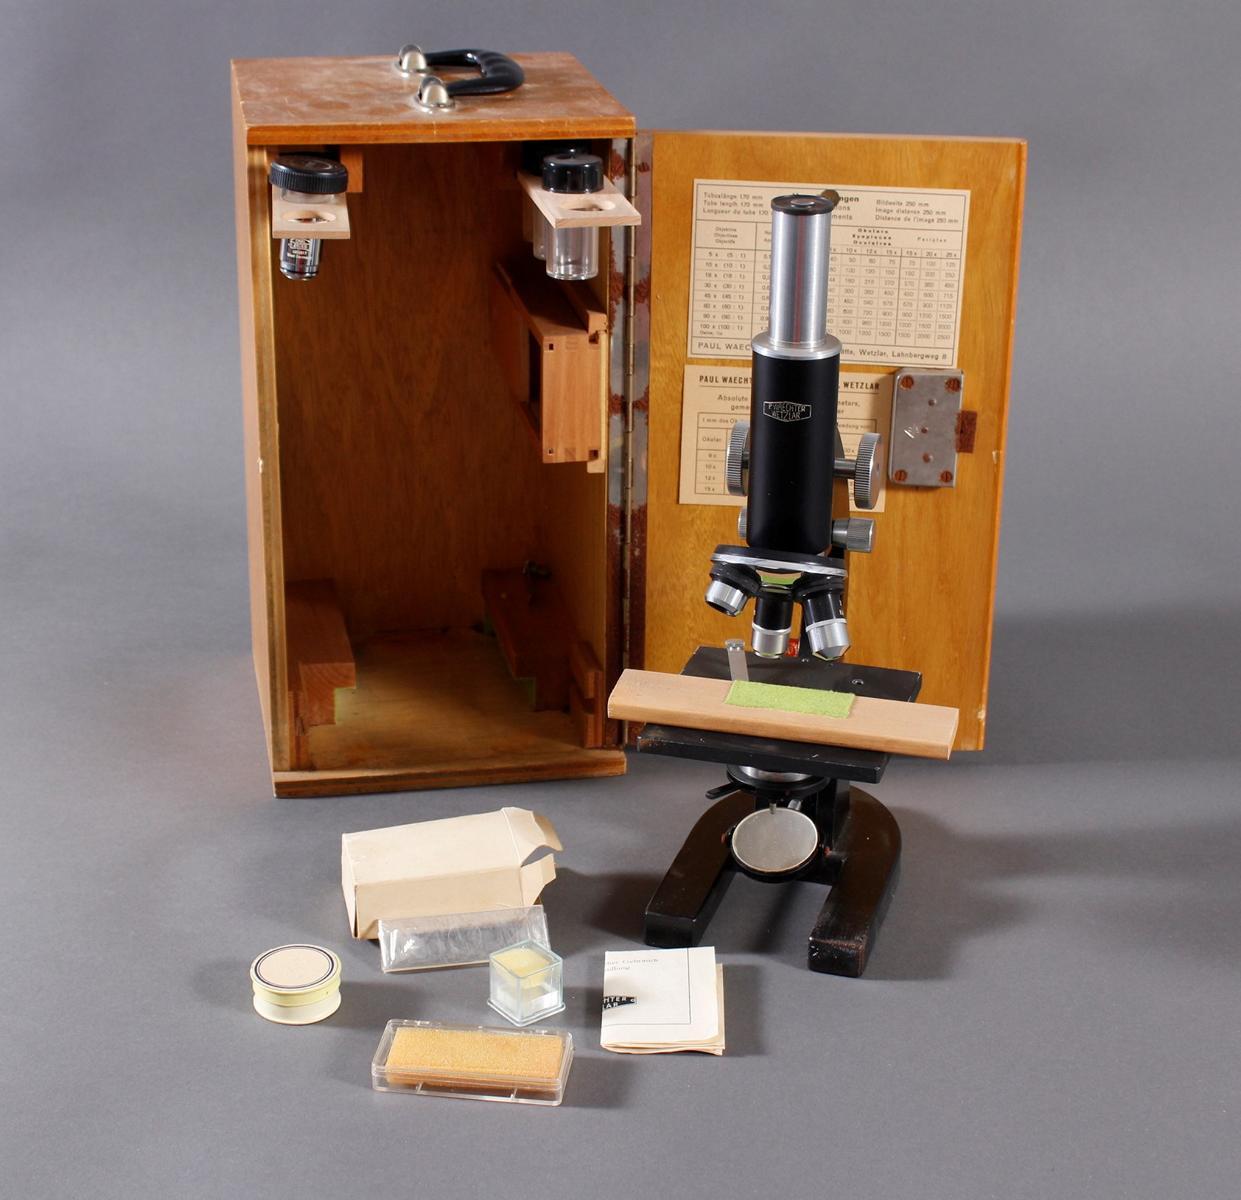 Mikroskop P. Waechter Wetzlar